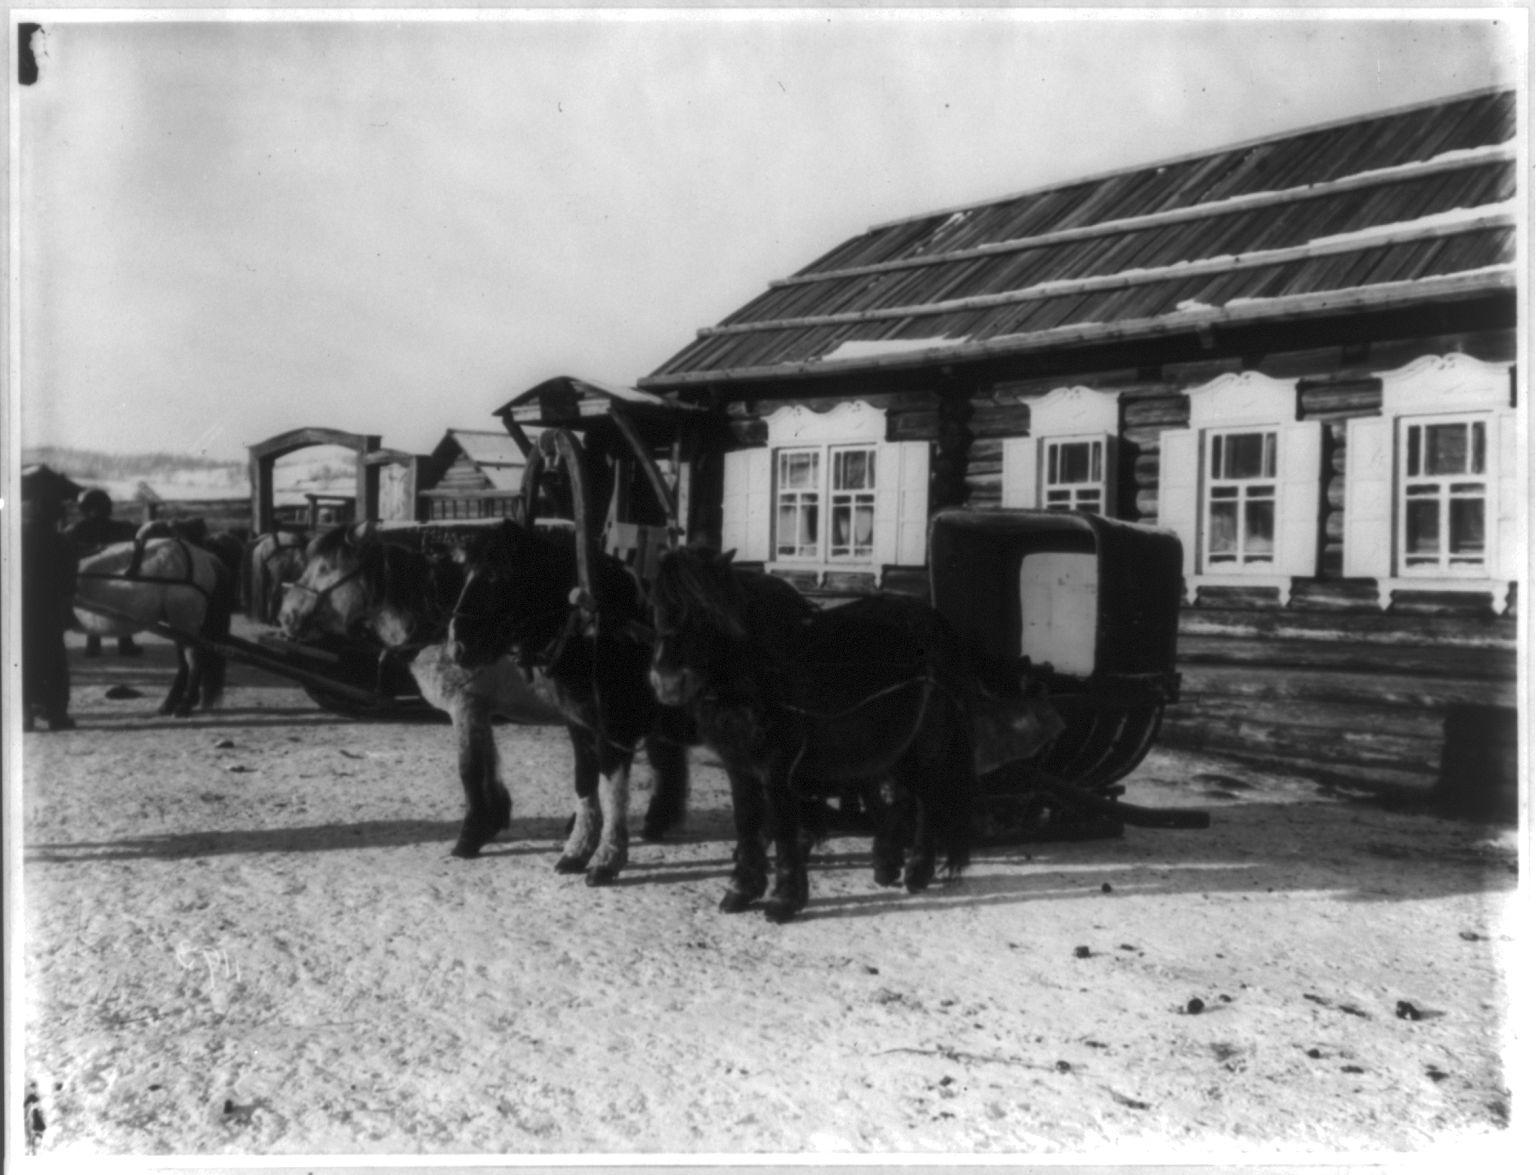 Хабаровск. Тройка лошадей с санями возле почтовой станции